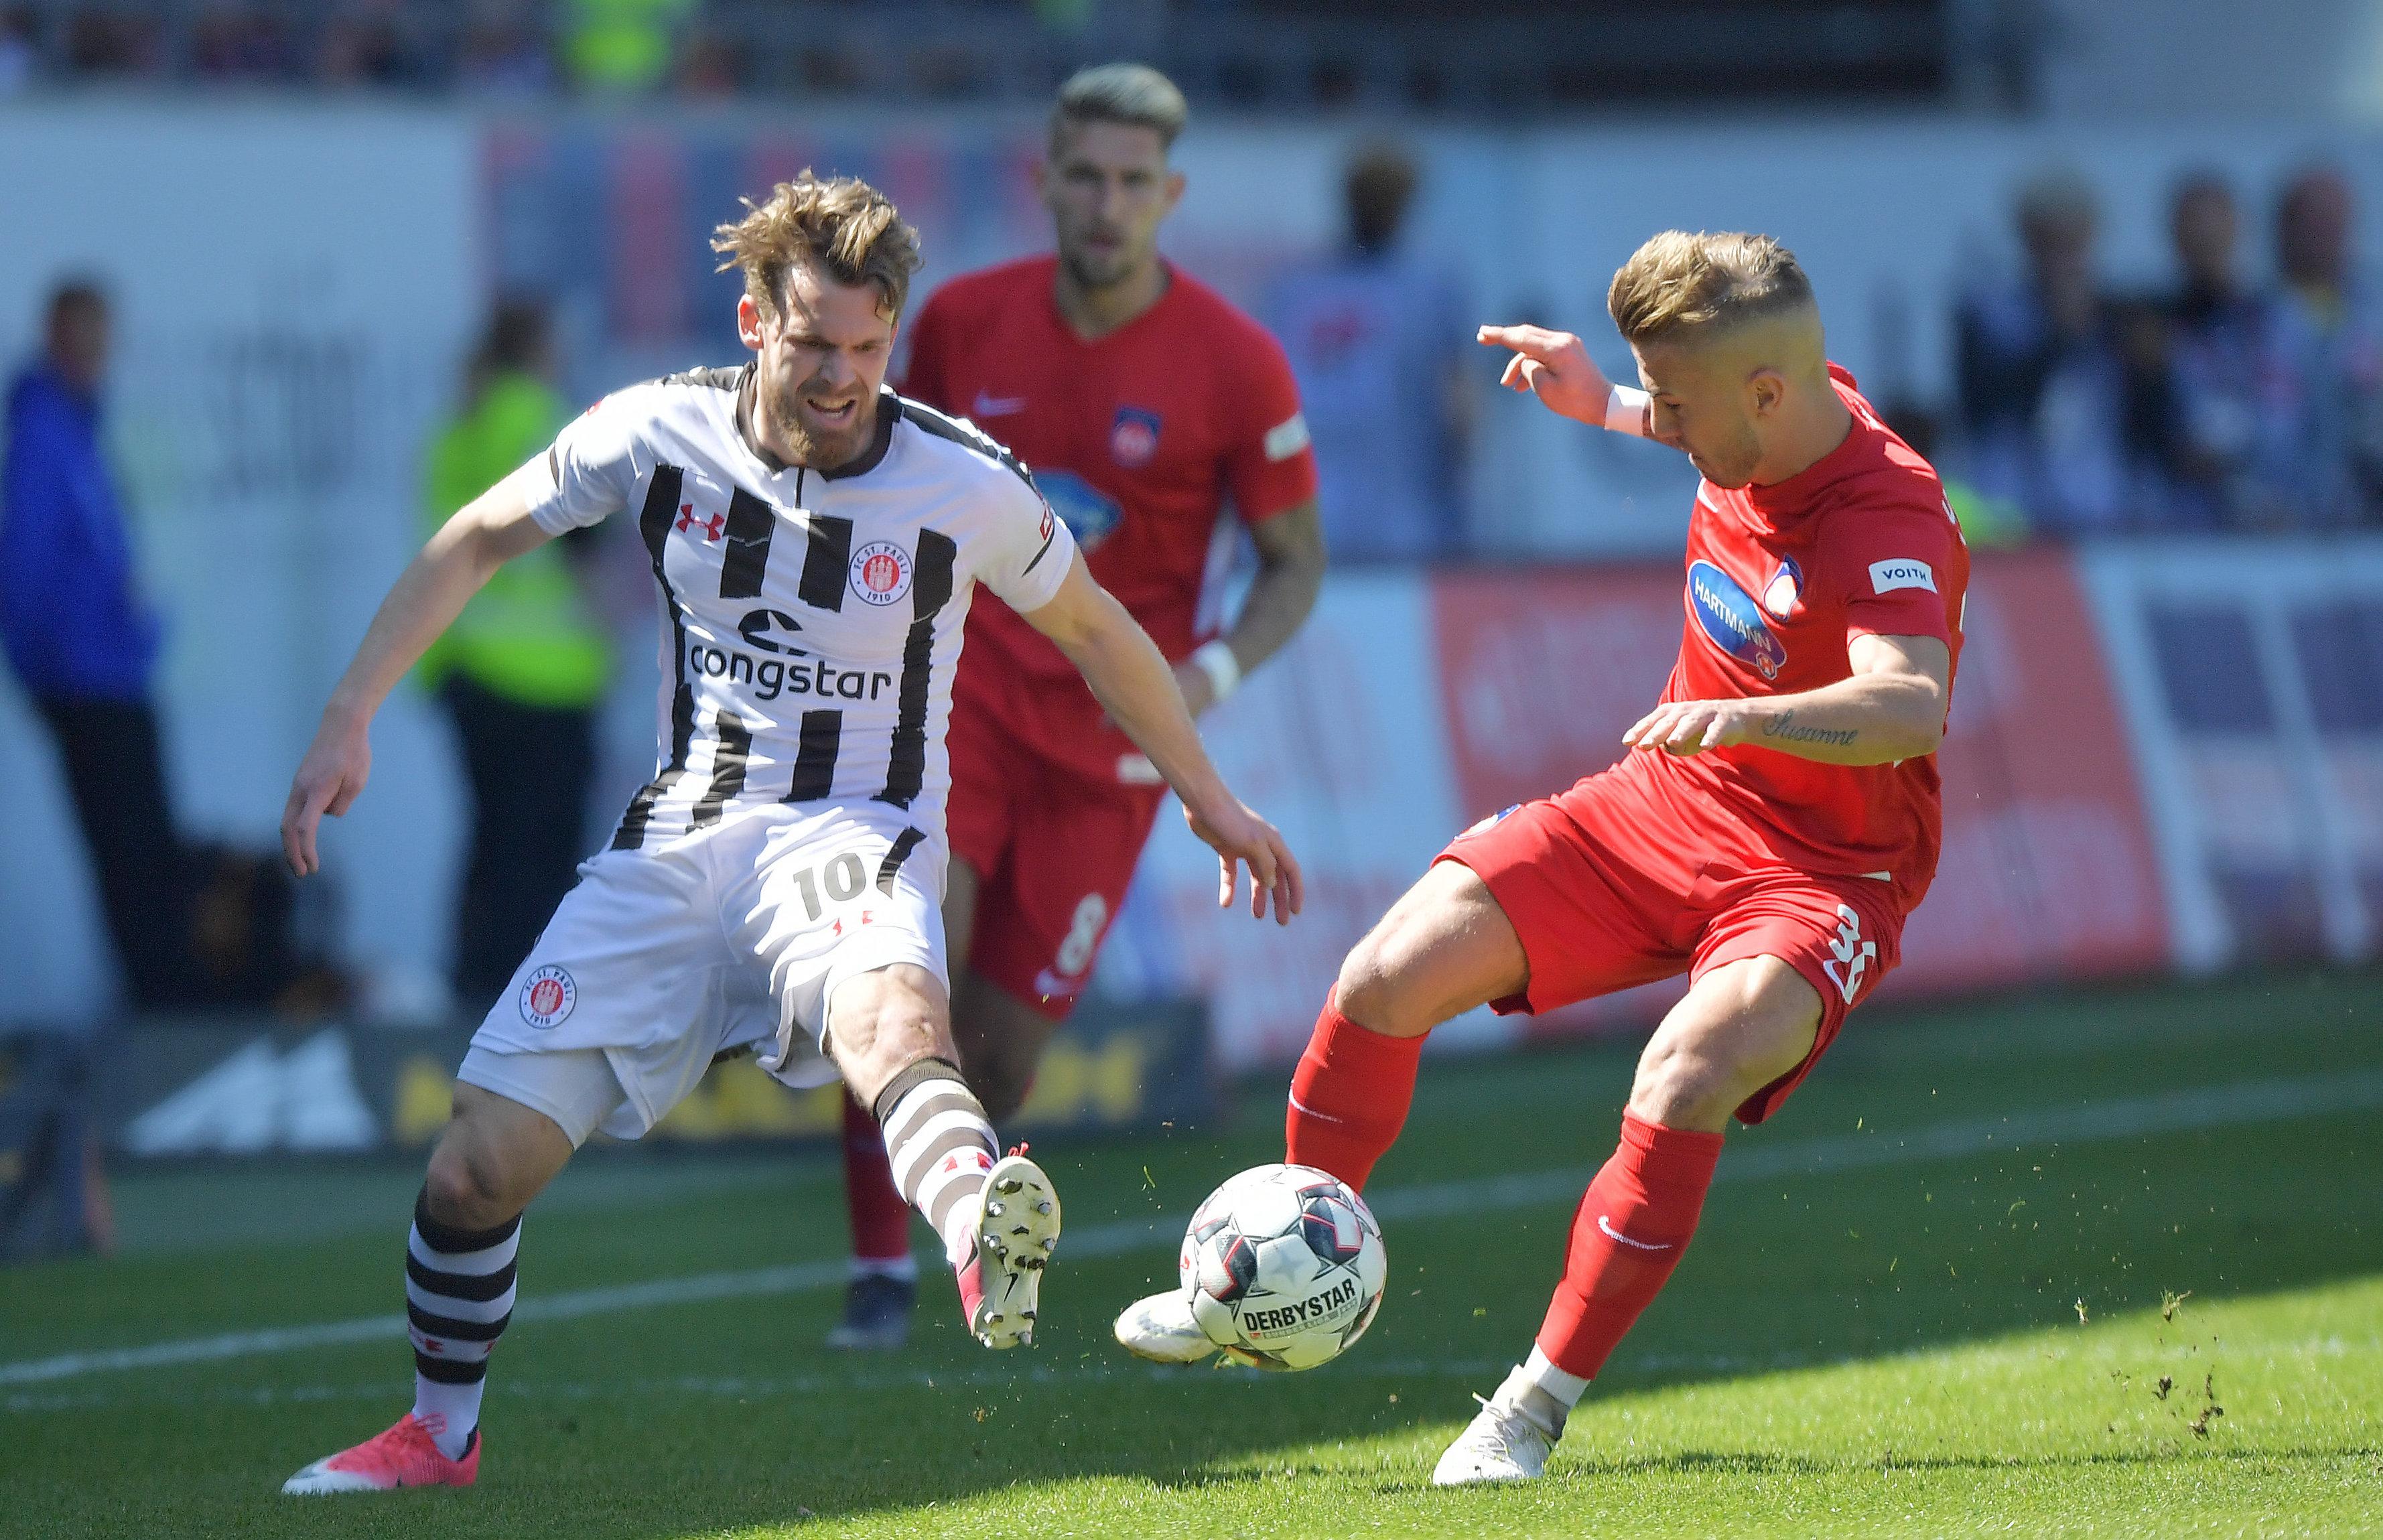 Nichts zu holen in Heidenheim: Kiezkicker unterliegen mit 0:3